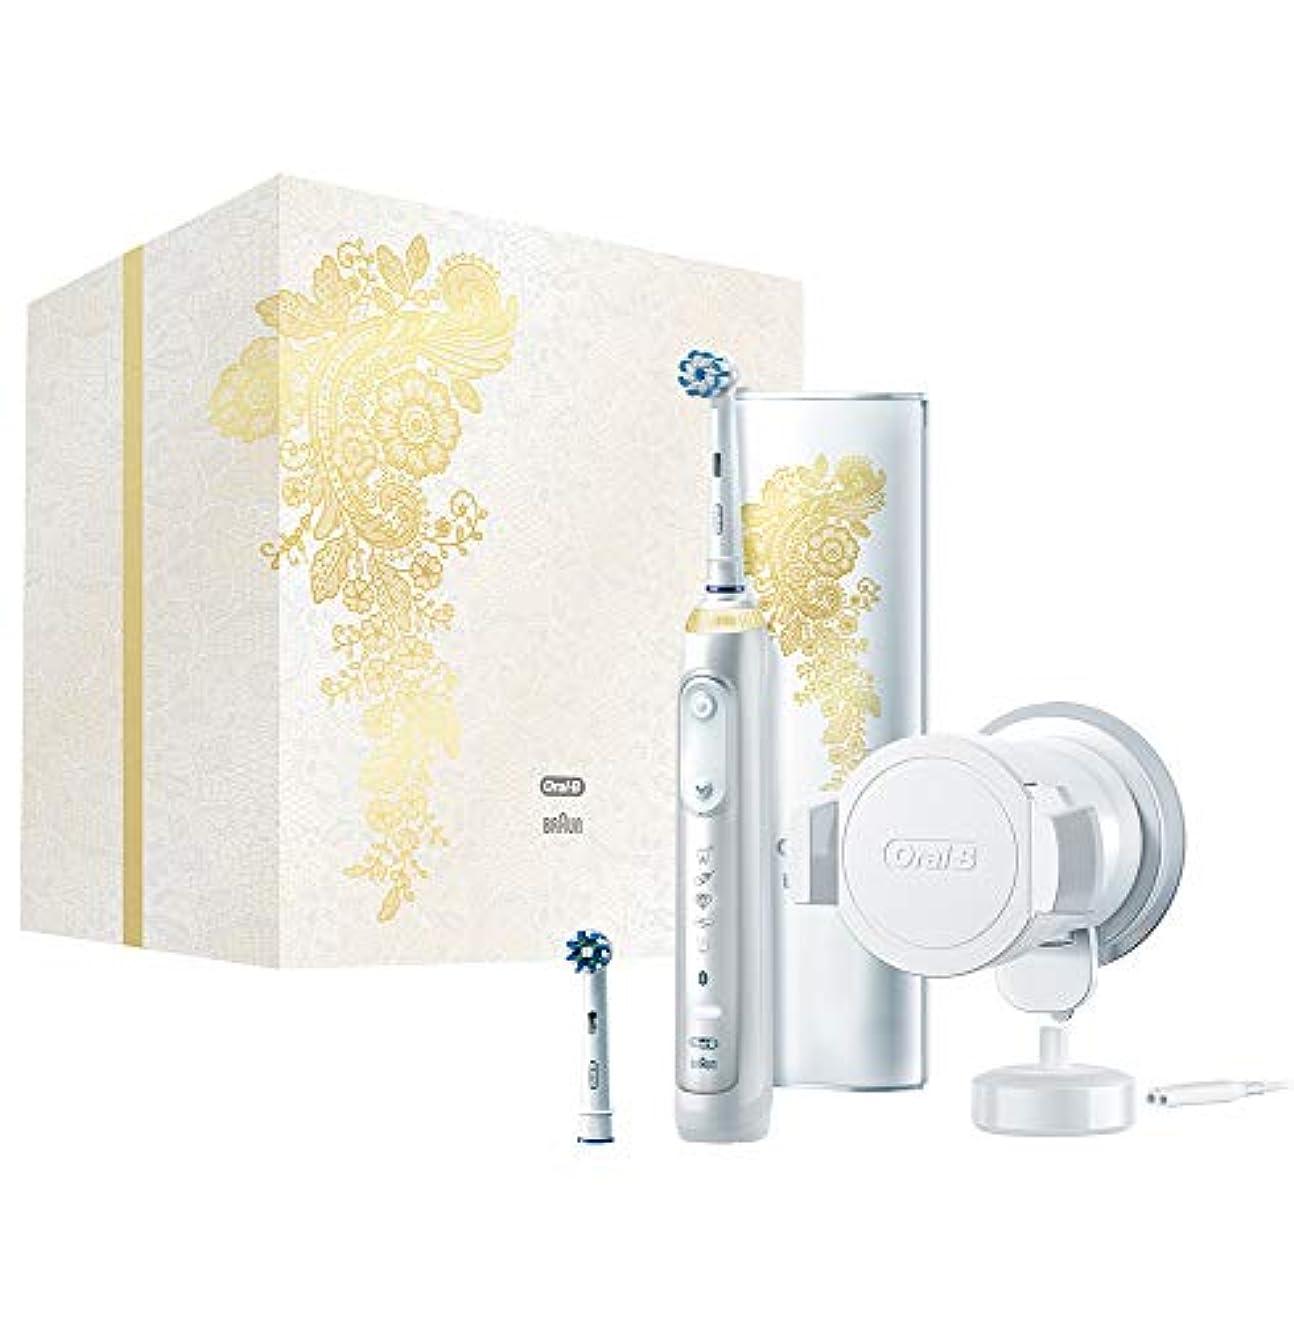 杖電話をかける花瓶ブラウン オーラルB 電動歯ブラシ ジーニアス10000A マラケシュ D7015266XCMK D7015266XCMK